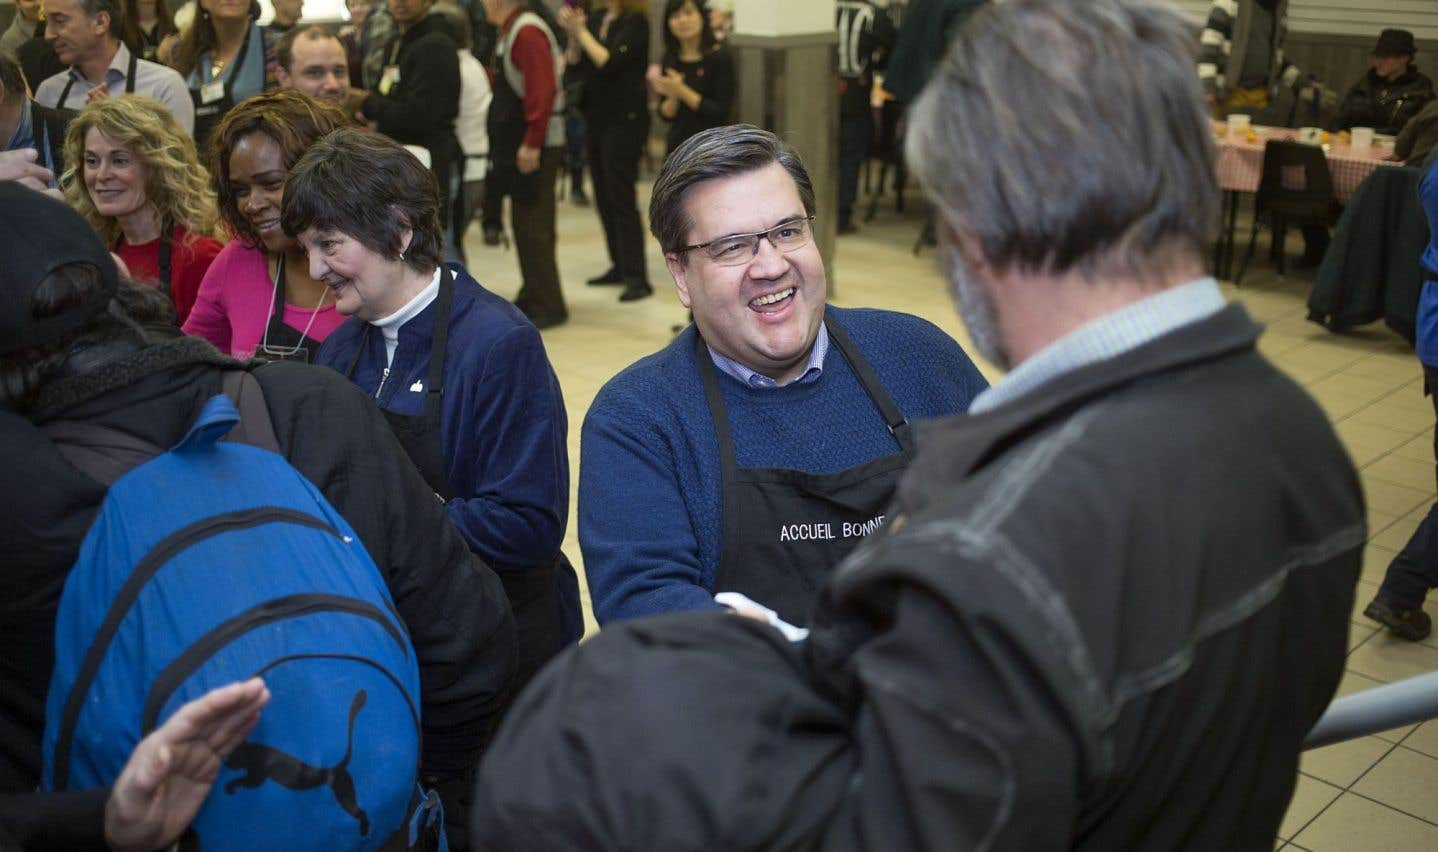 Le 1er janvier, Denis Coderre participait à la distribution de repas de fête chauds et gratuits pour les itinérants.